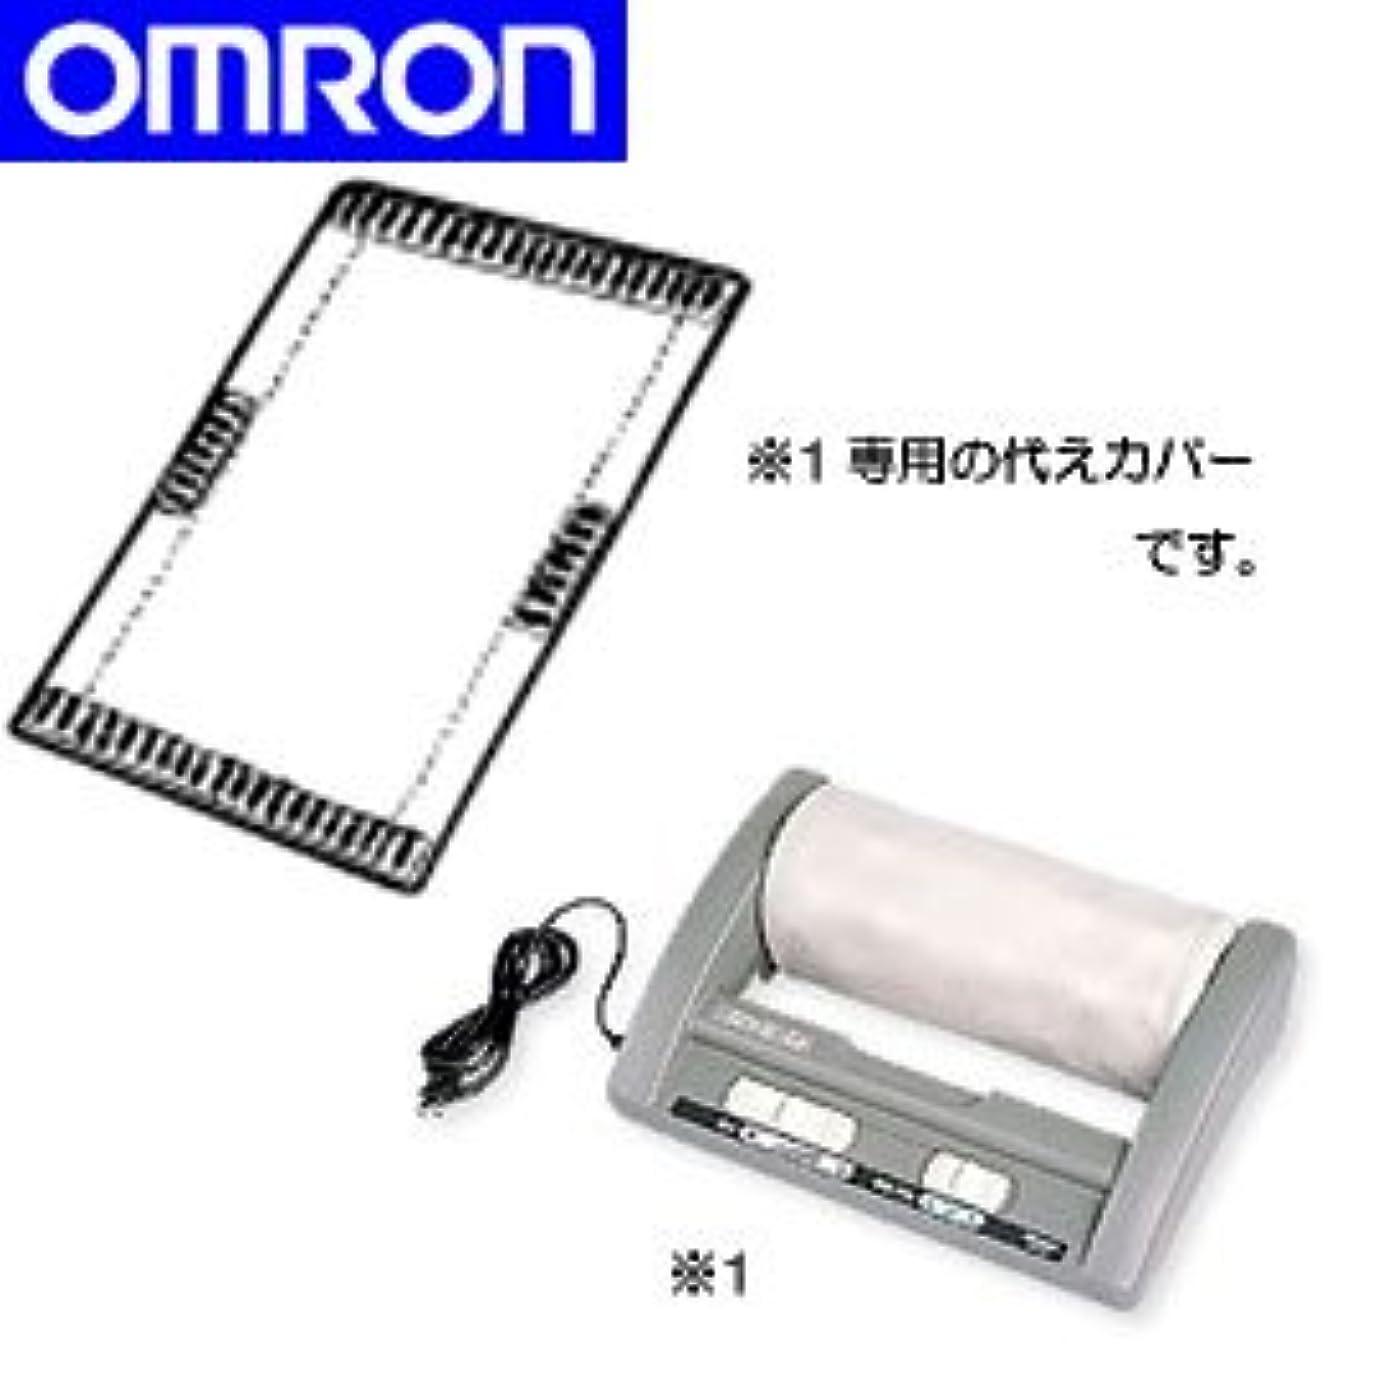 できた隙間円形オムロン HM-202専用オプションクロスHM-202-COVER